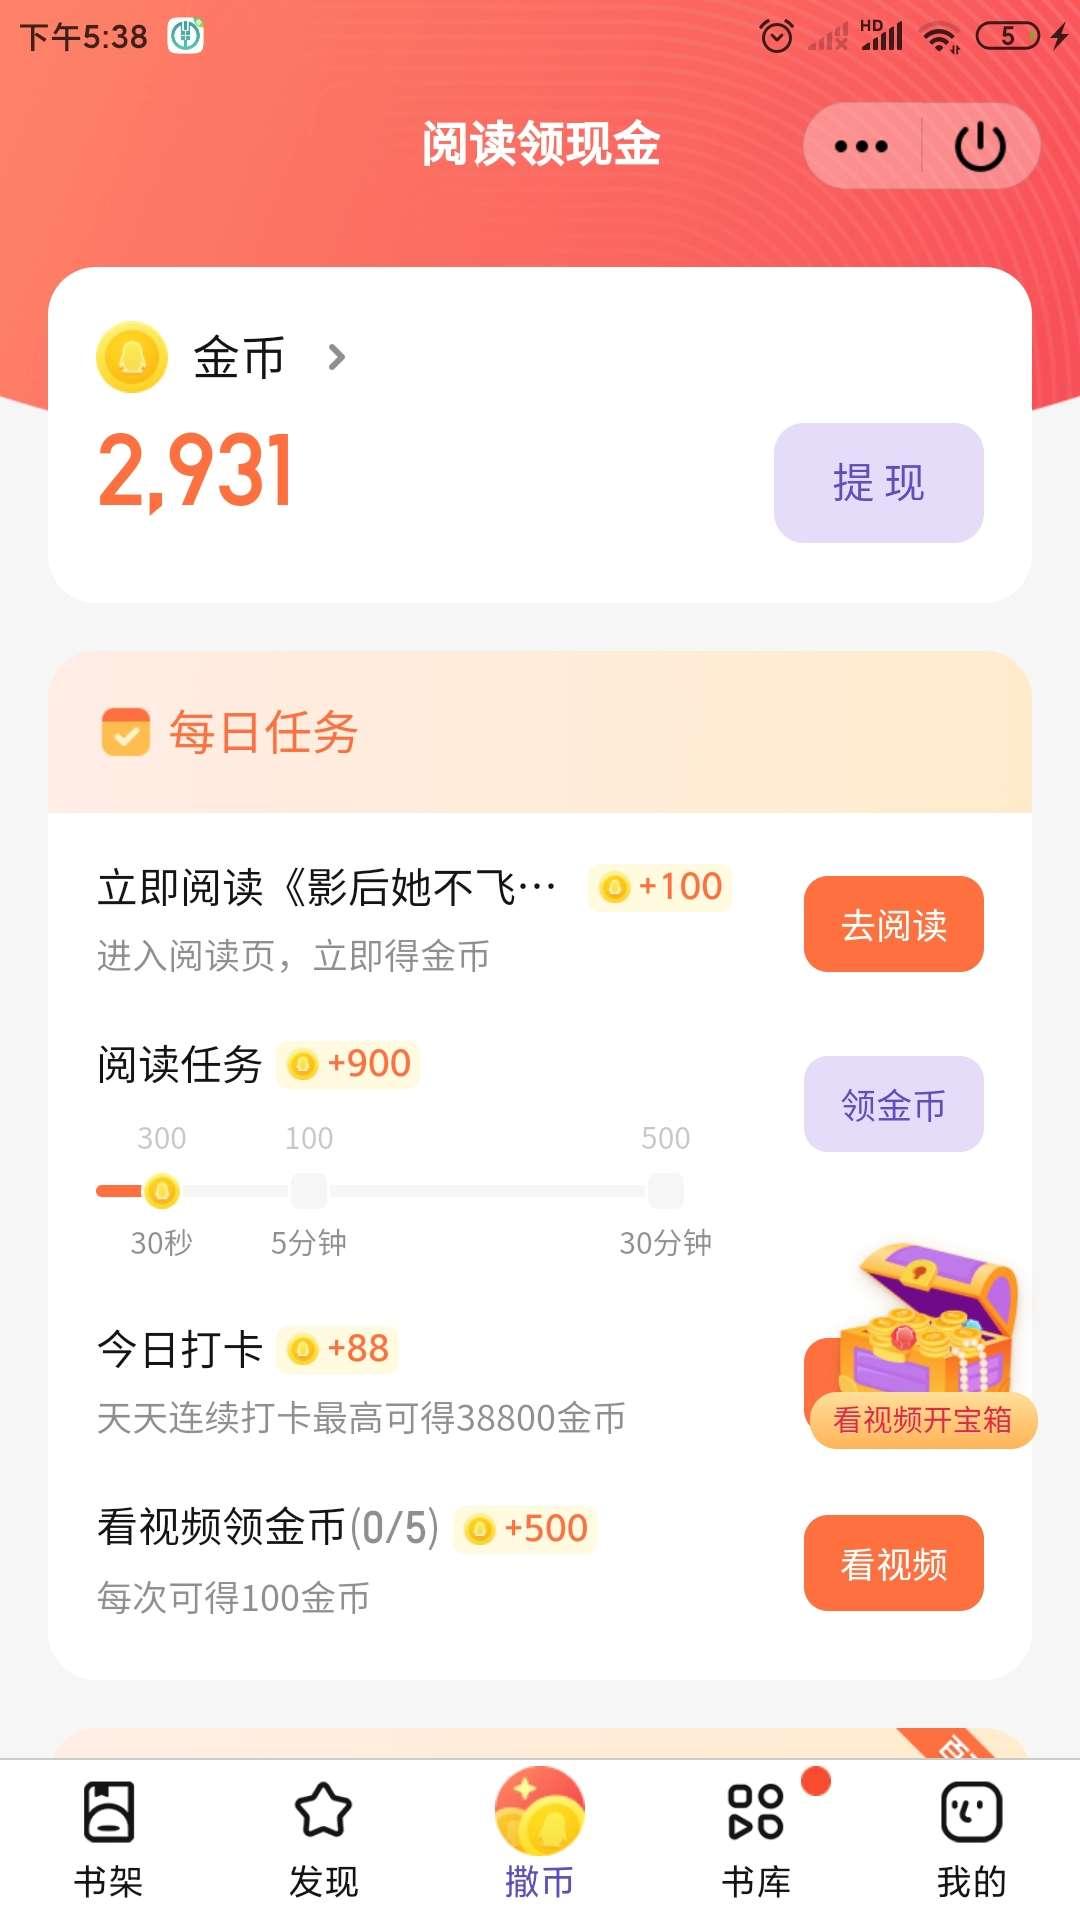 QQ阅读现金红包活动插图